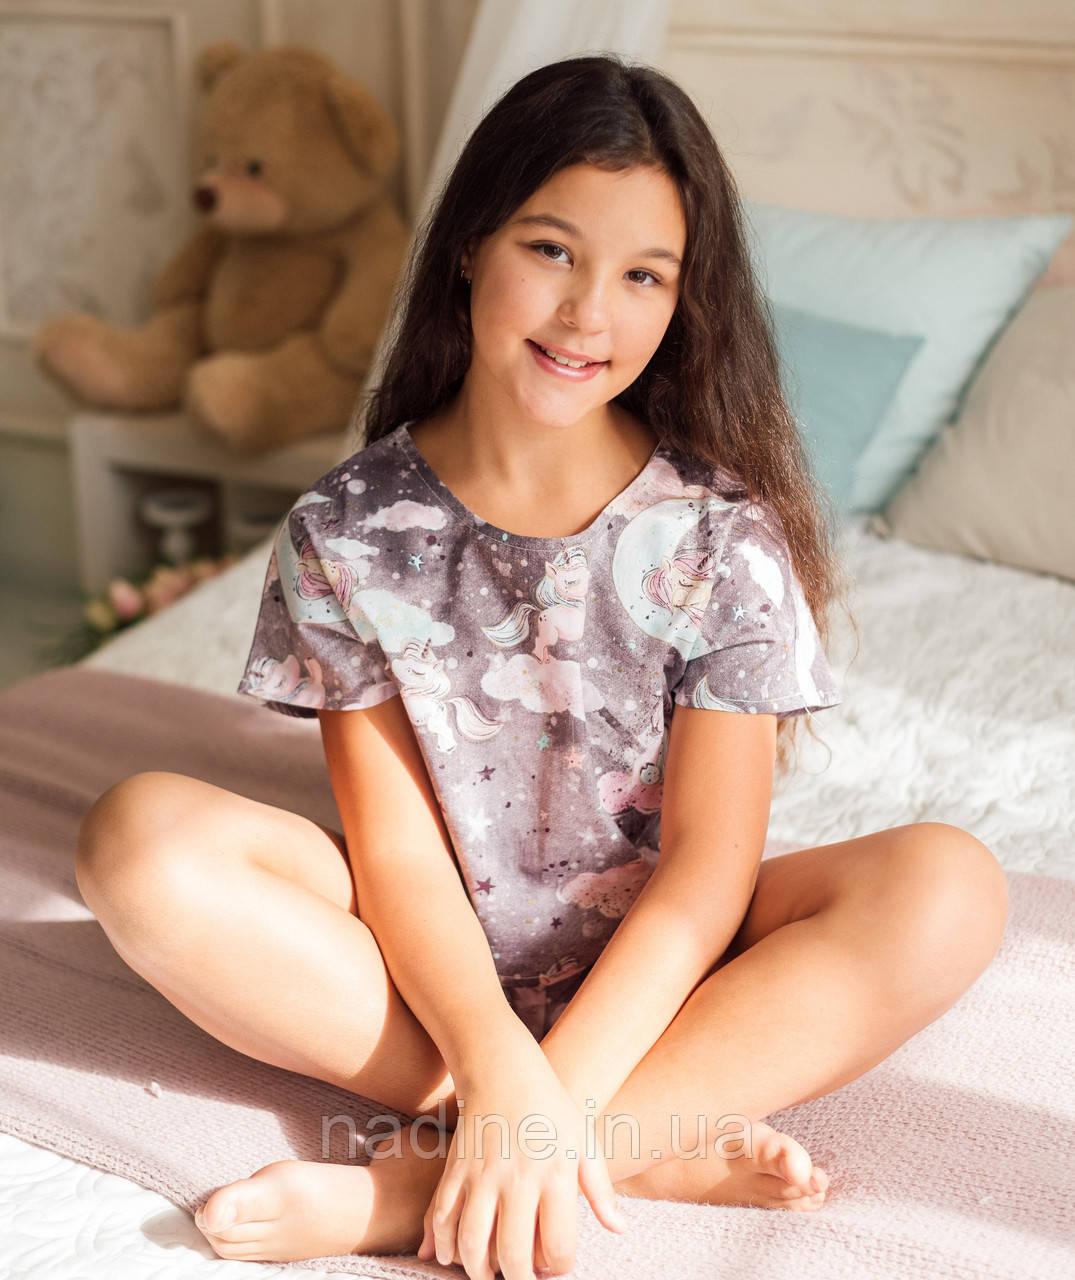 Пижама Eirena Nadine (786-46) 146/36 Серая с шортиками на девочку подростка